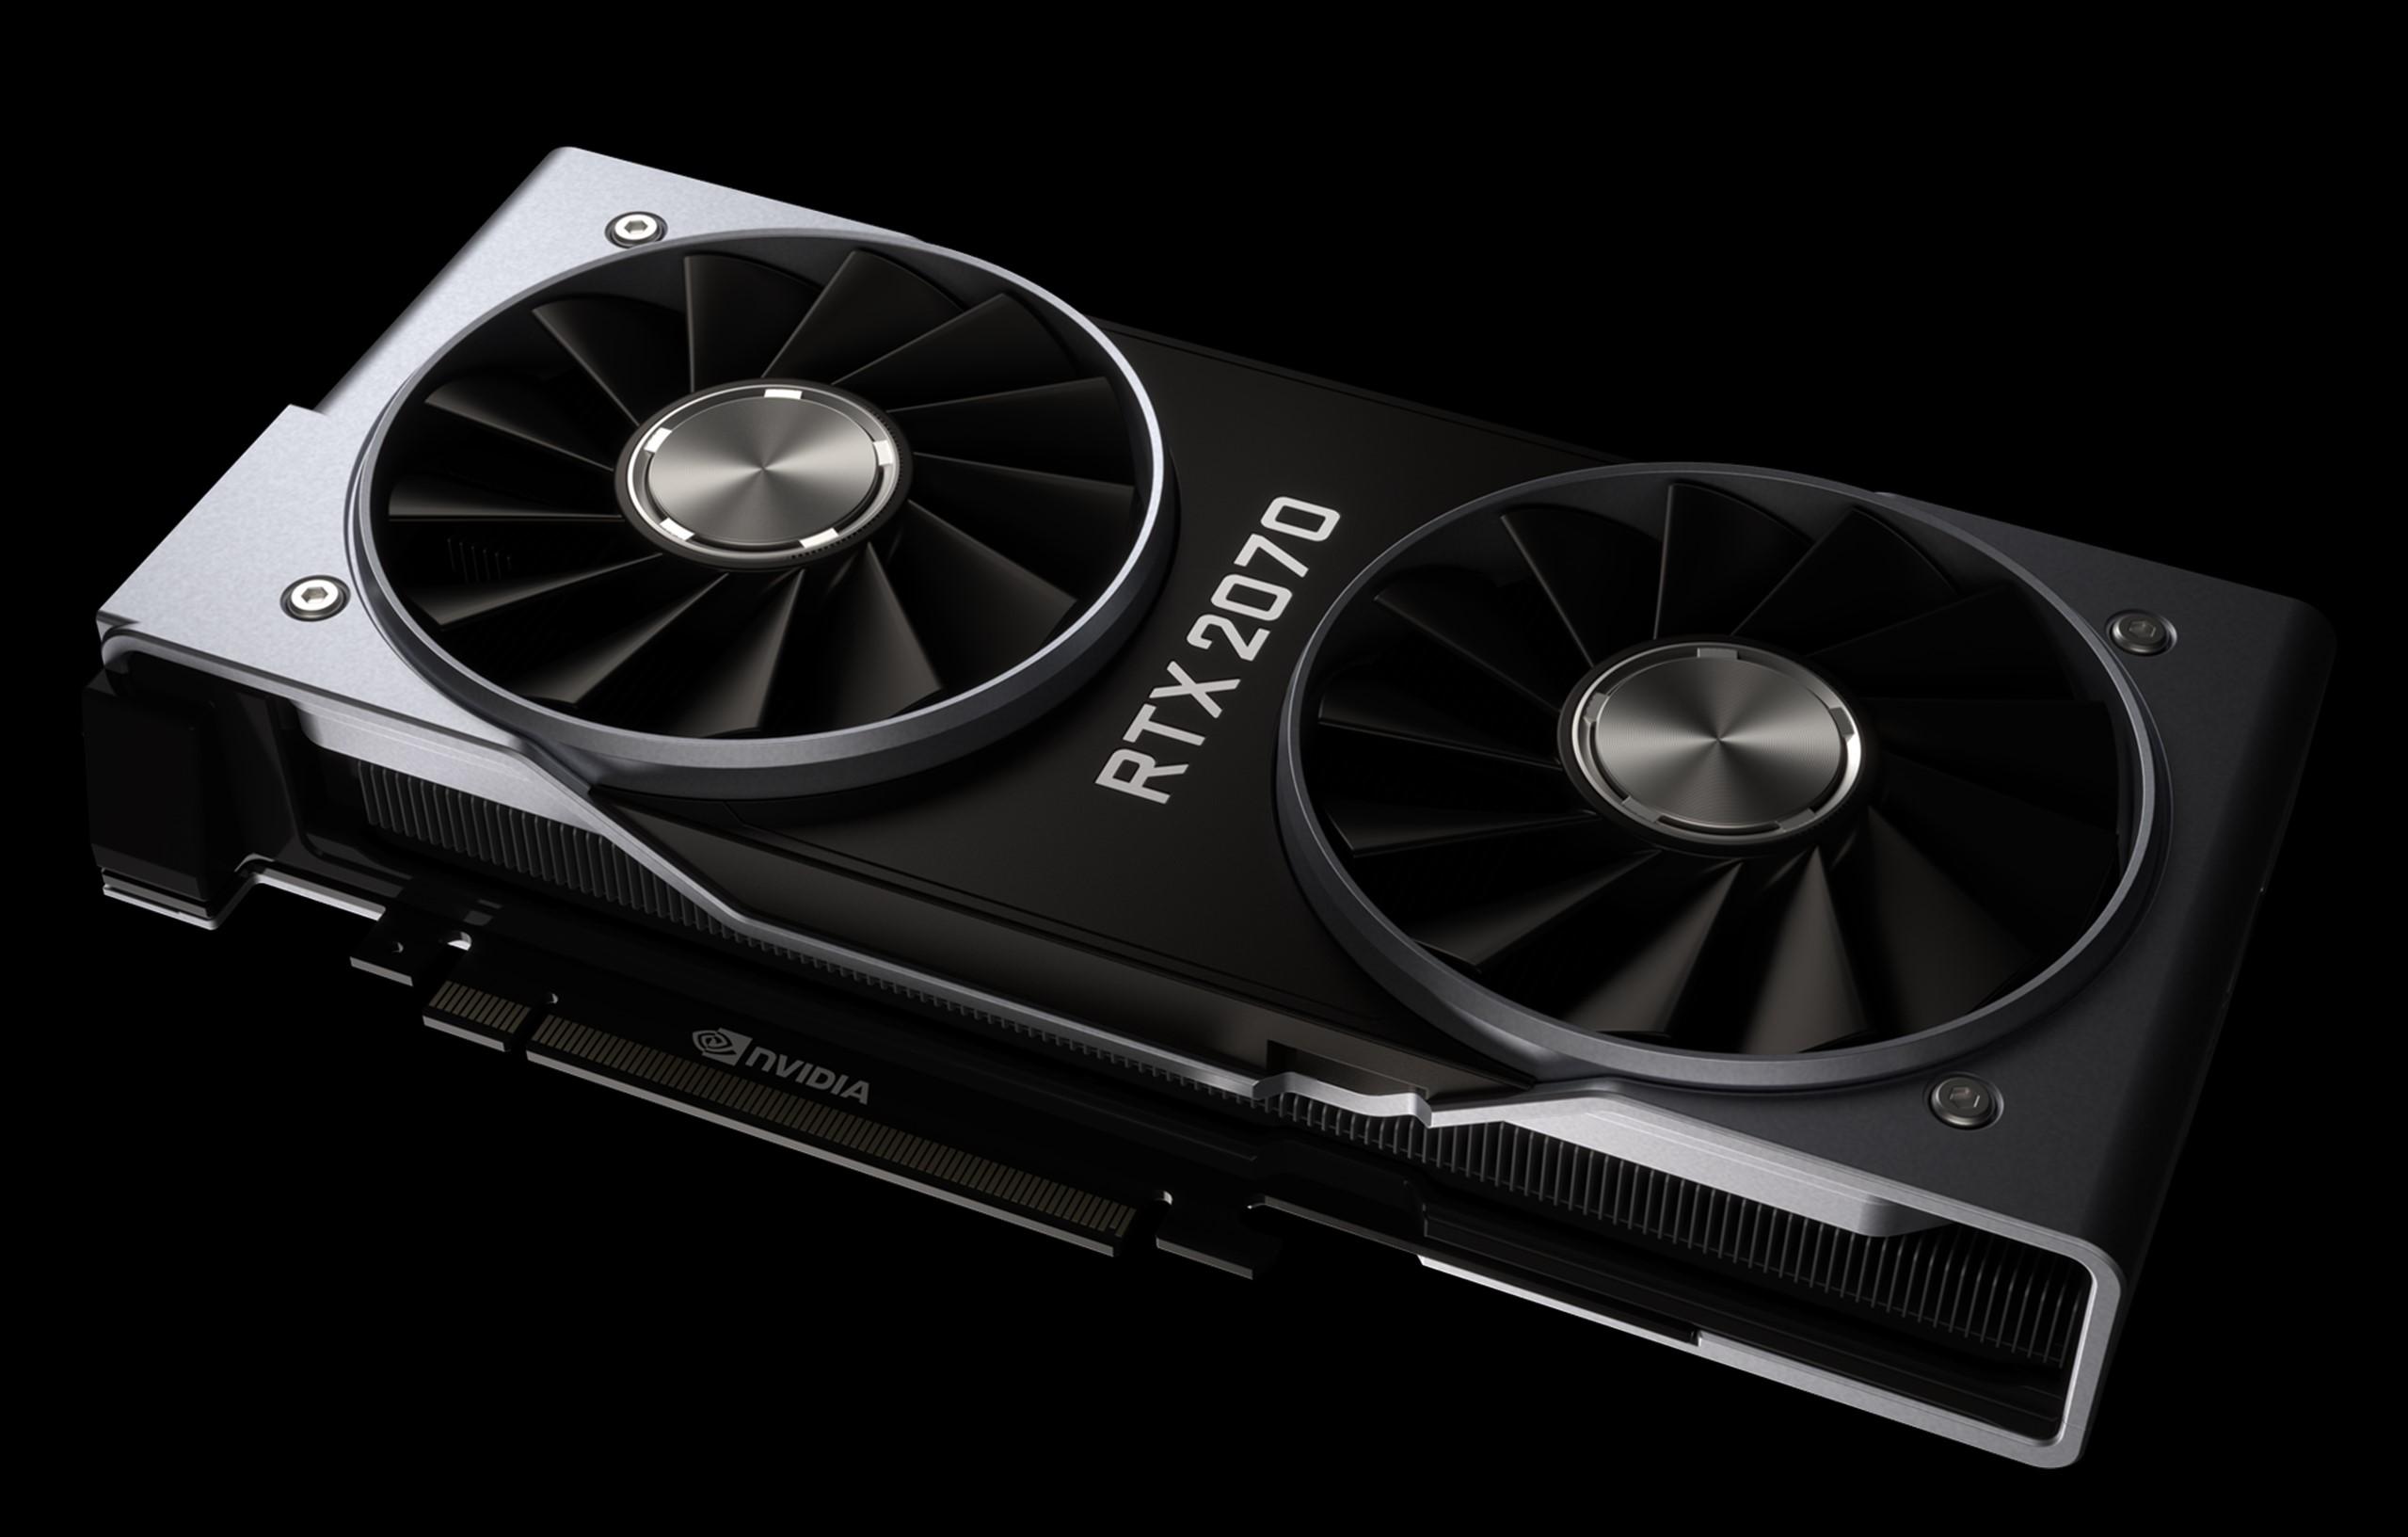 Det er kun RTX 2080 og 2080 Ti som får støtte for denne Nvidia-teknologien.